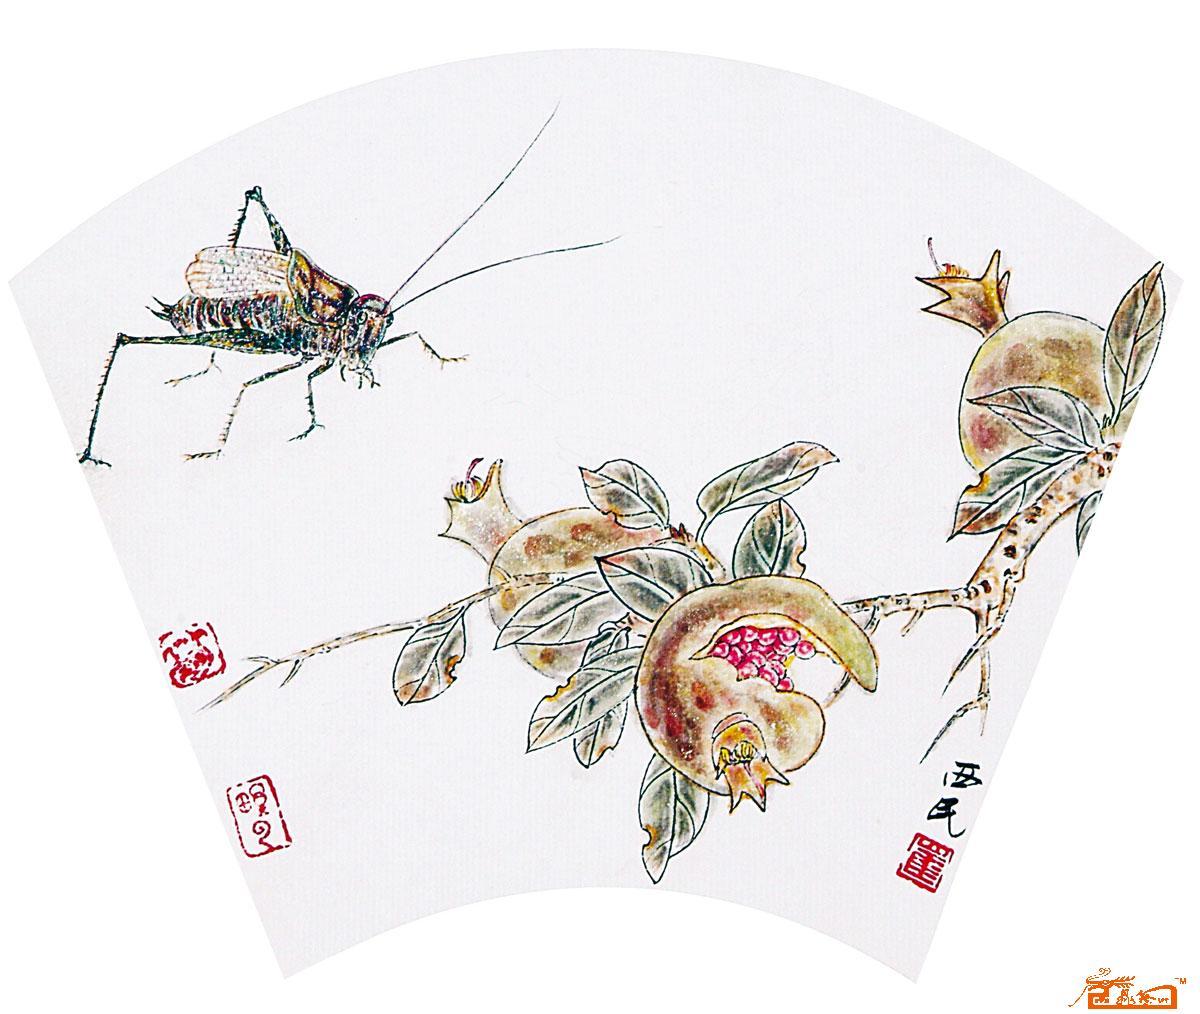 崔西民-石榴-淘宝-名人字画-中国书画交易中心,中国,.